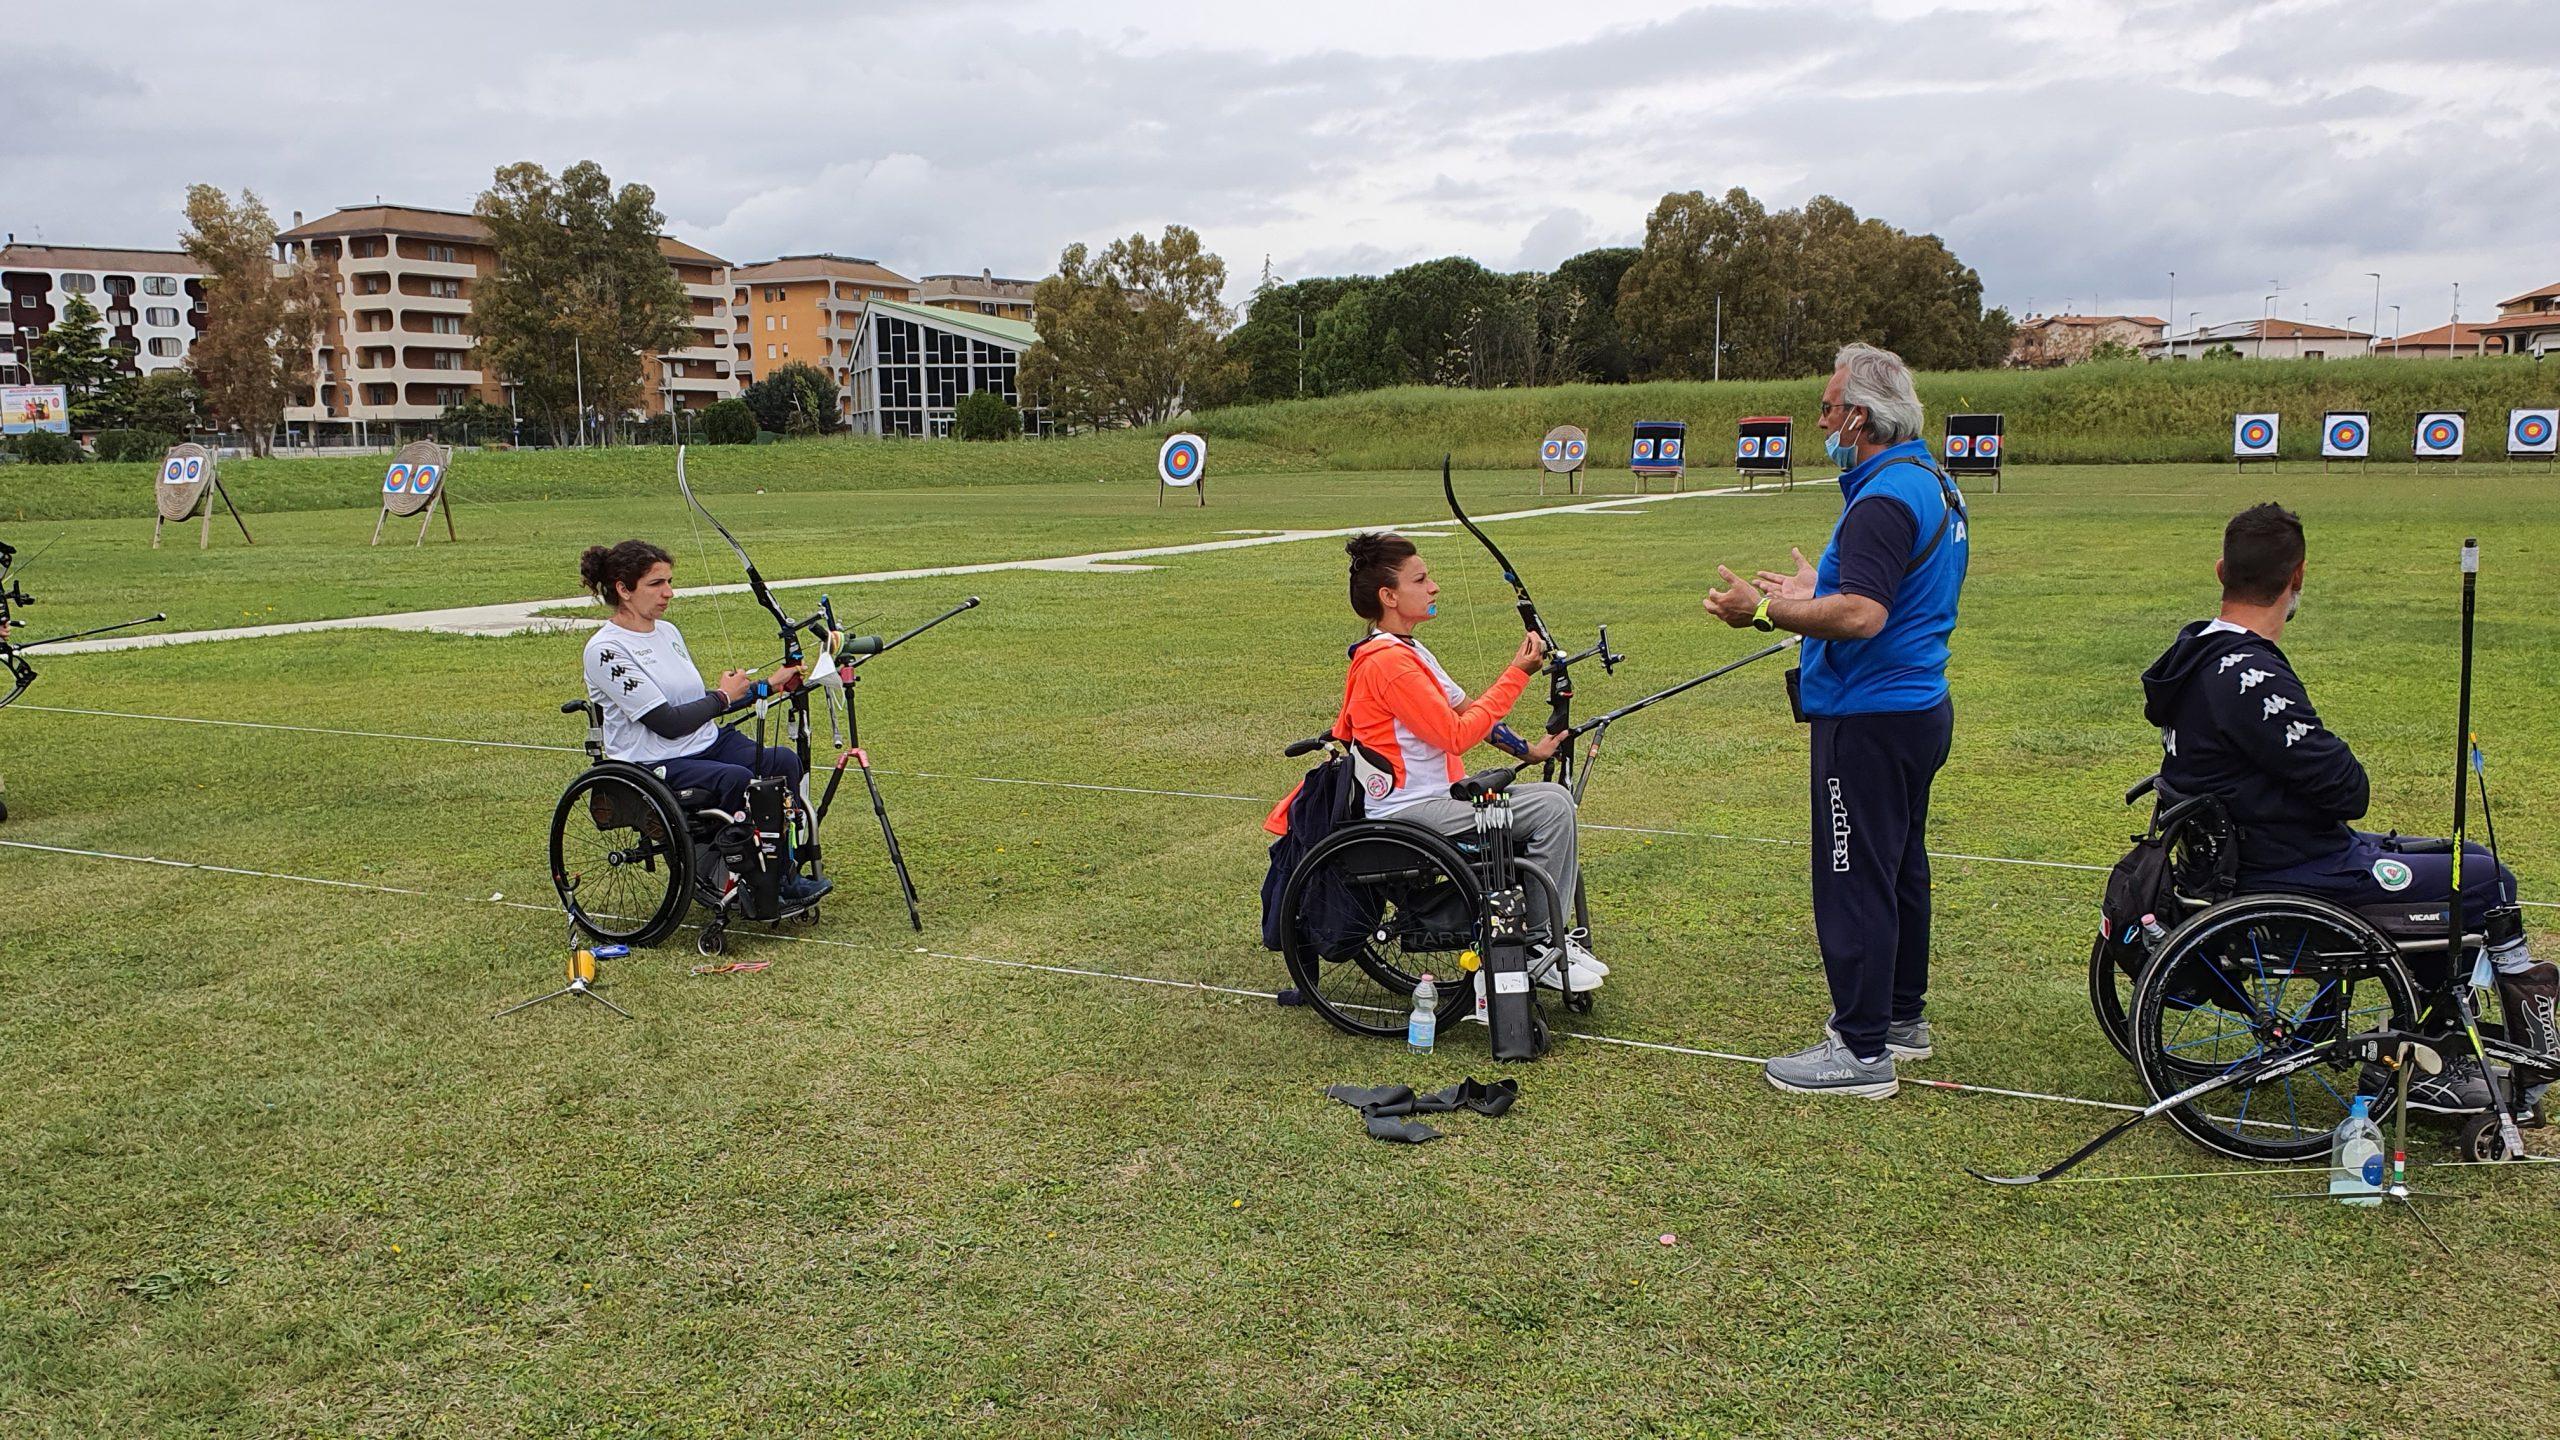 nazionale-italiana-para-archery-a-Grosseto-in-preparazione-delle-olimpiadi-di-Tokio-